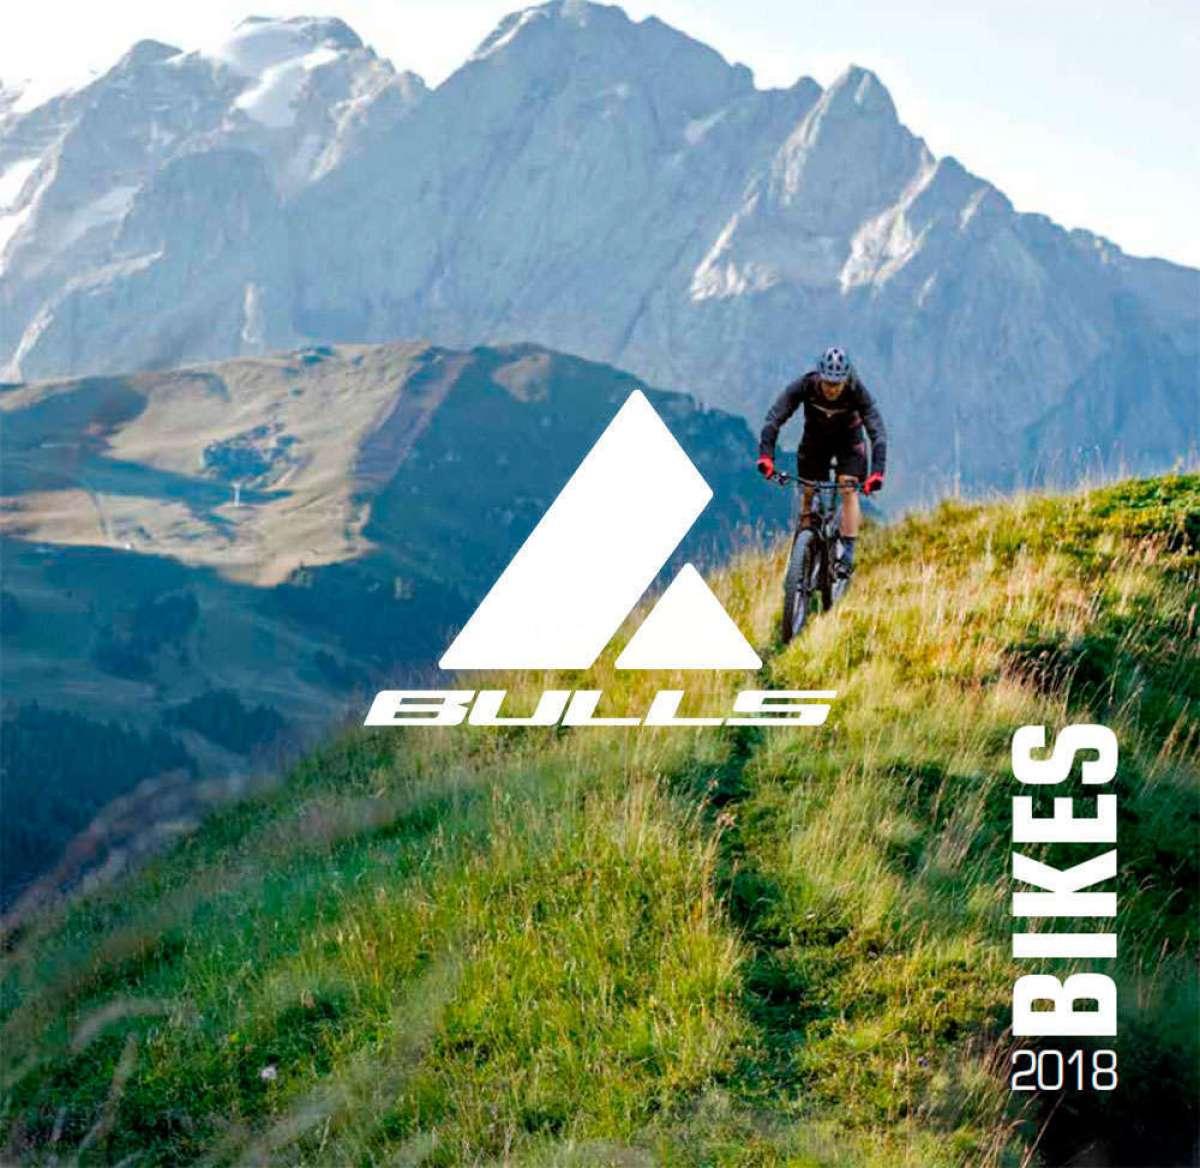 En TodoMountainBike: Catálogo de Bulls 2018. Toda la gama de bicicletas Bulls para la temporada 2018